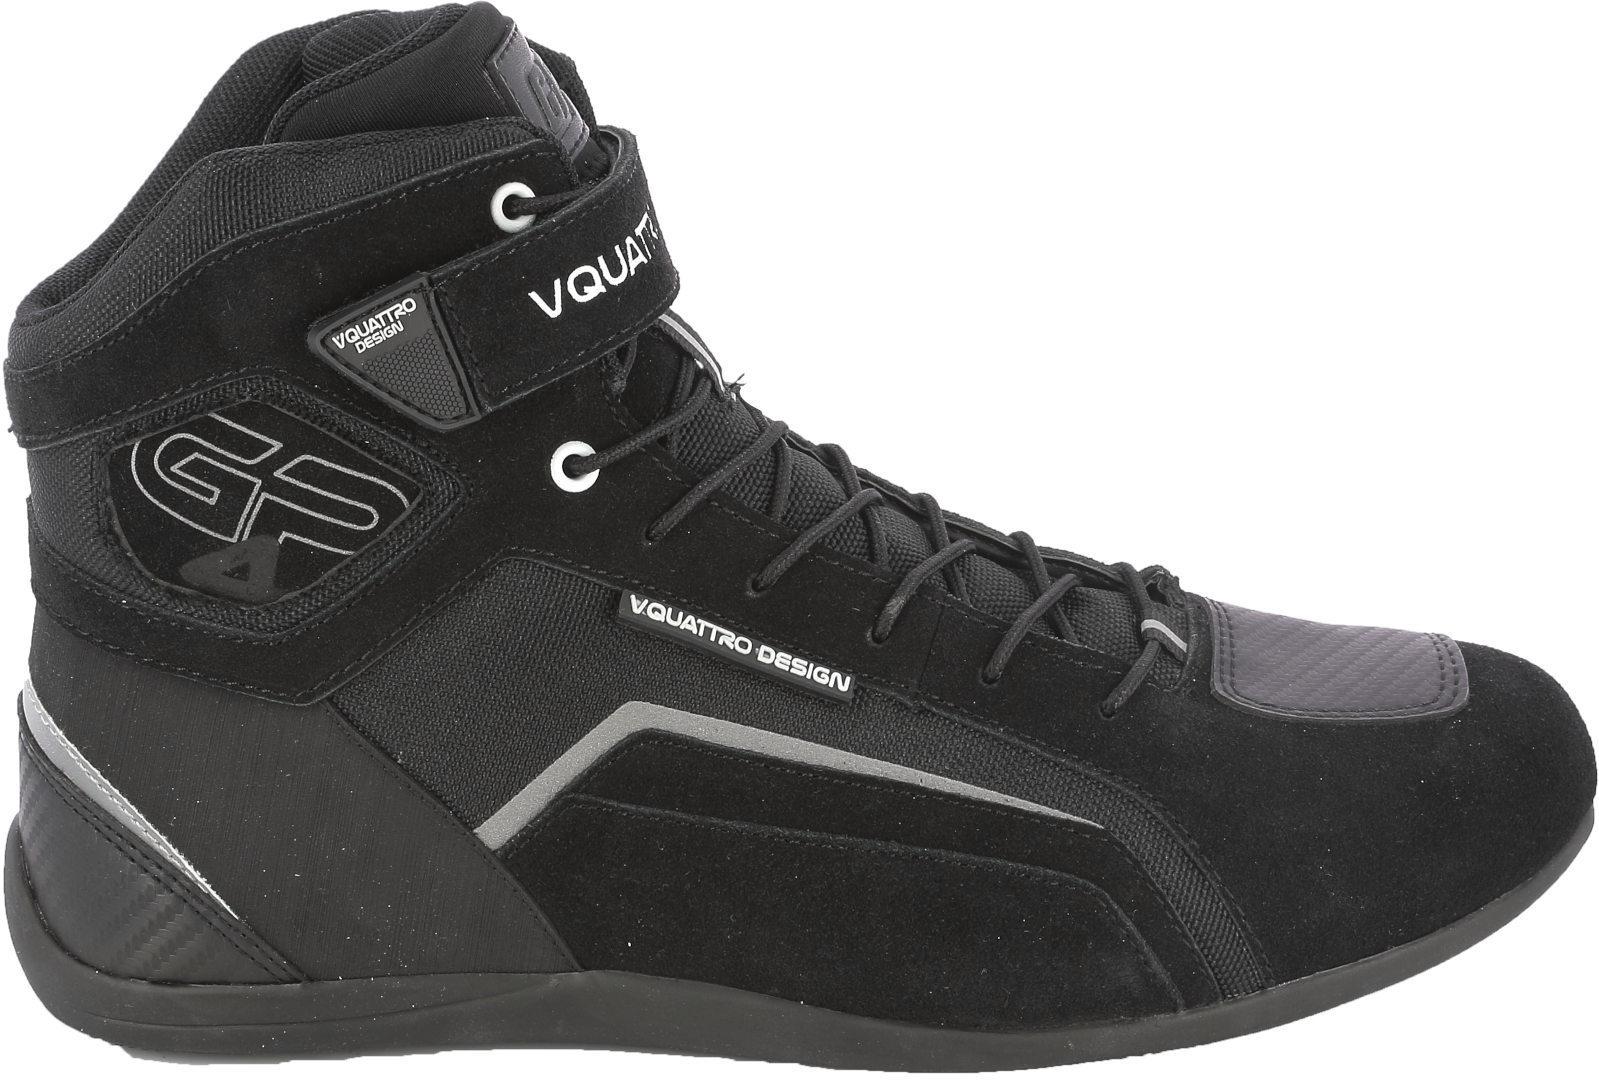 VQuattro GP4 19 Motorradschuhe, schwarz, Größe 44, schwarz, Größe 44